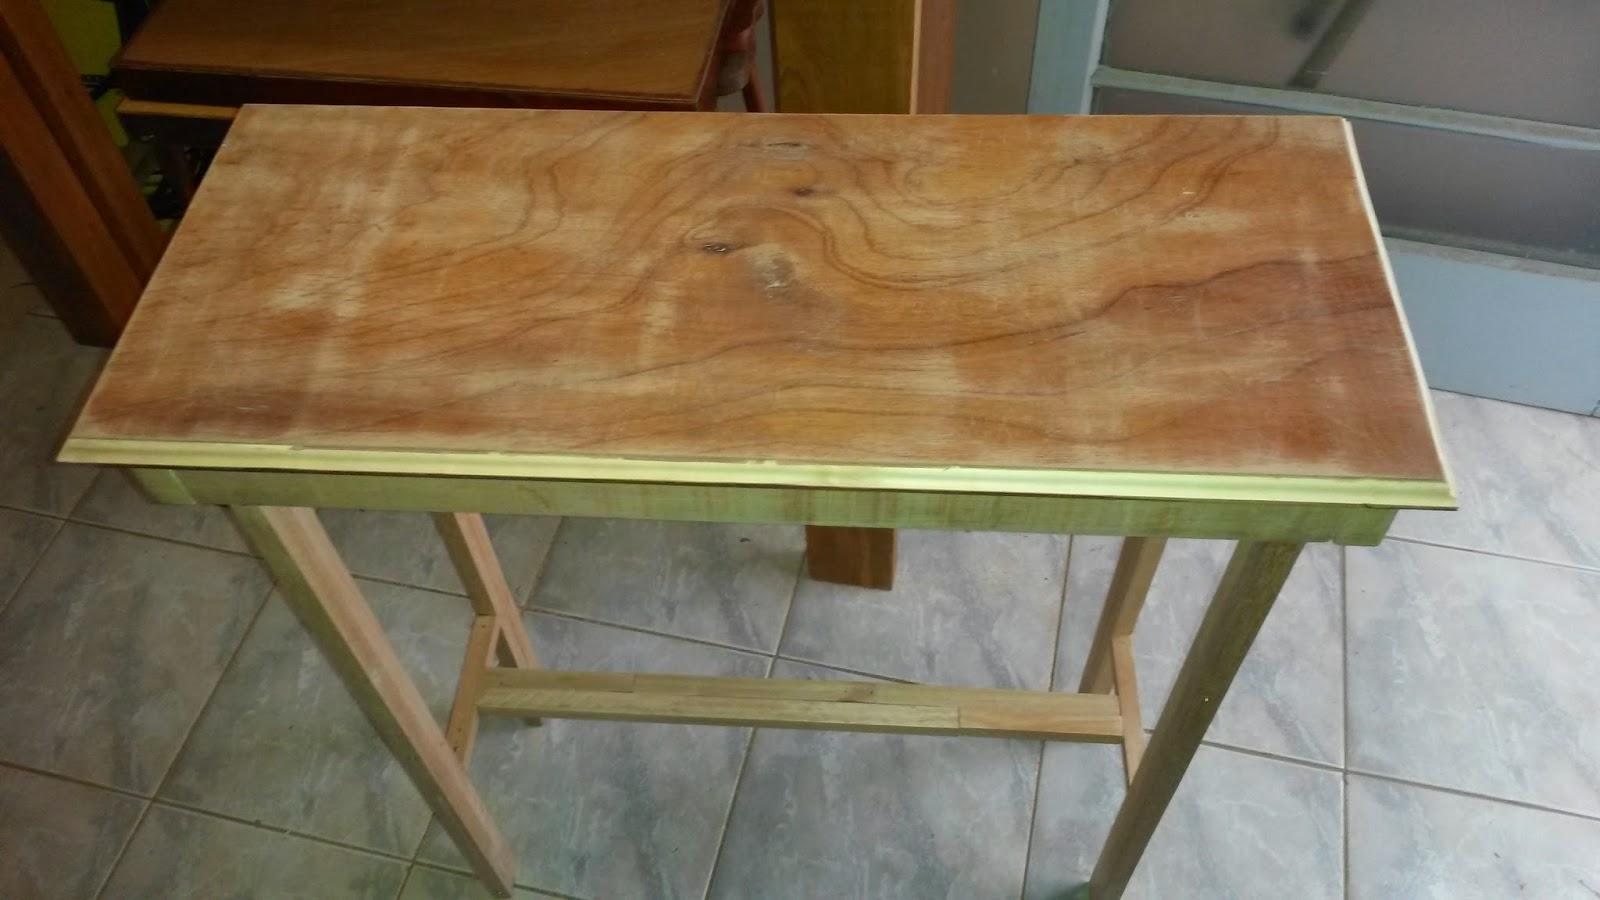 Oficina do Quintal: Como fazer um aparador com restos de madeira #40301C 1600x900